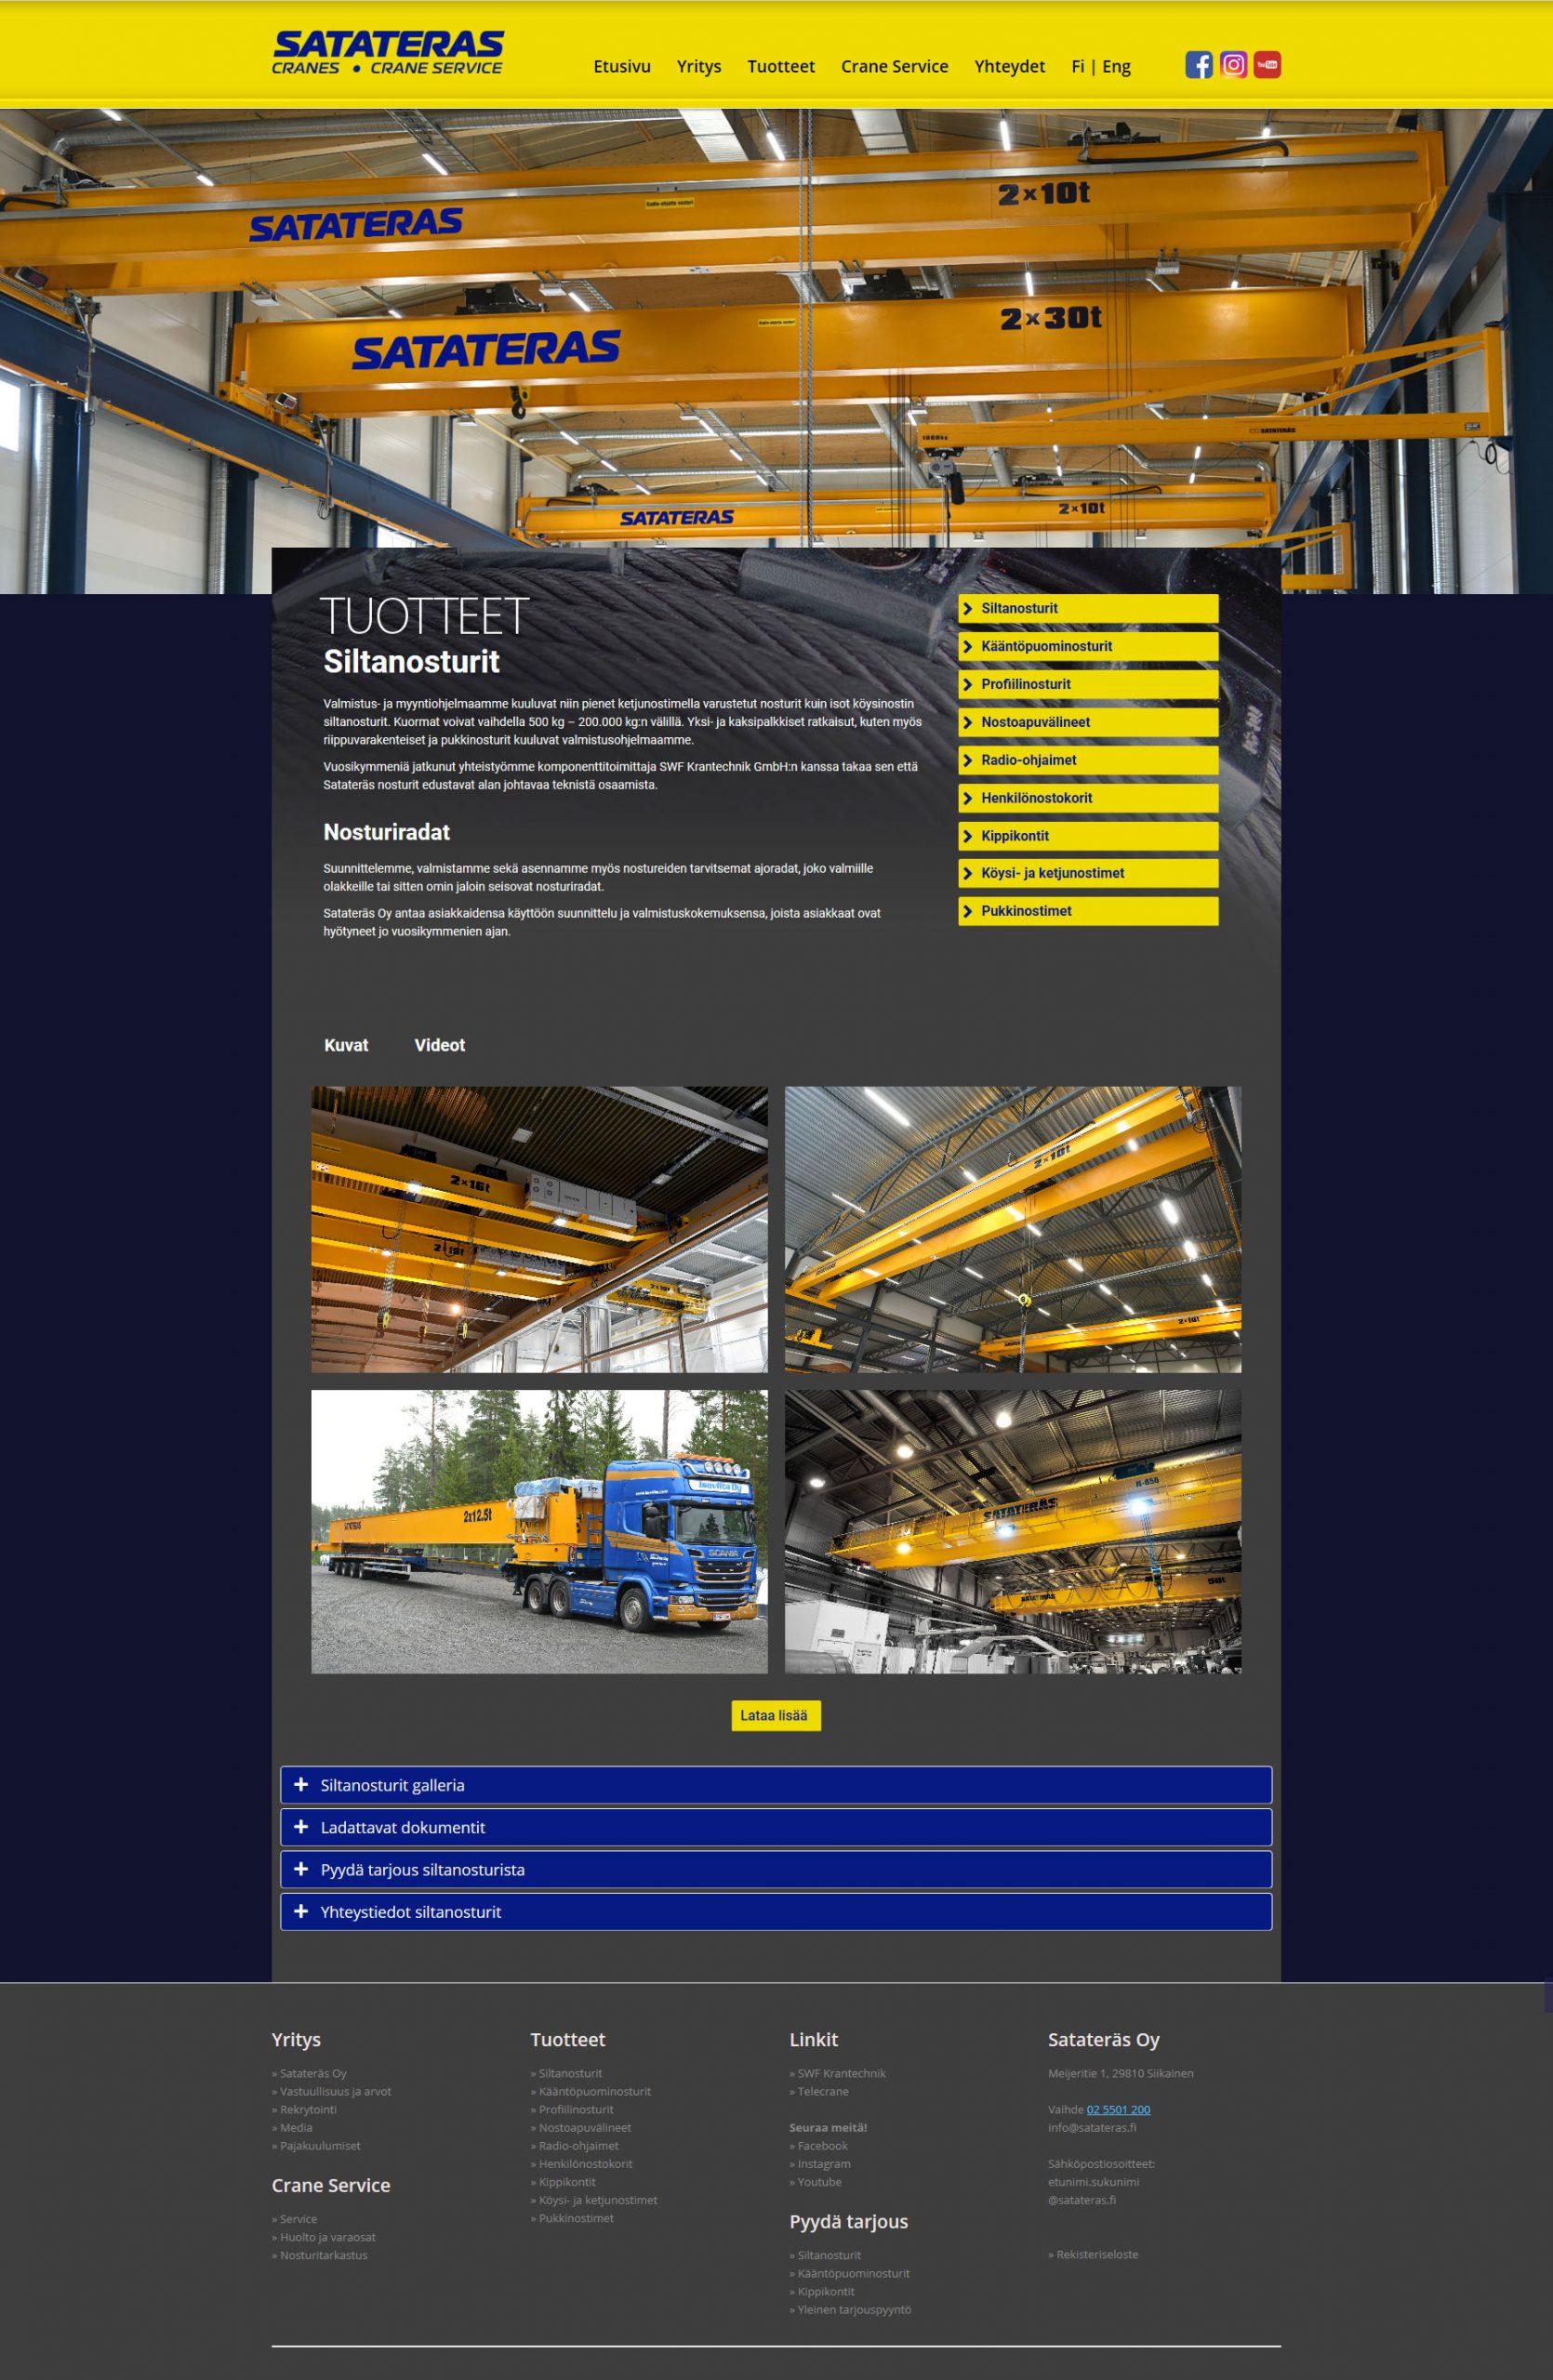 satateras-web-sivut-facelift-blogi-internet-sivut-kotisivut-jips-webtalo-2